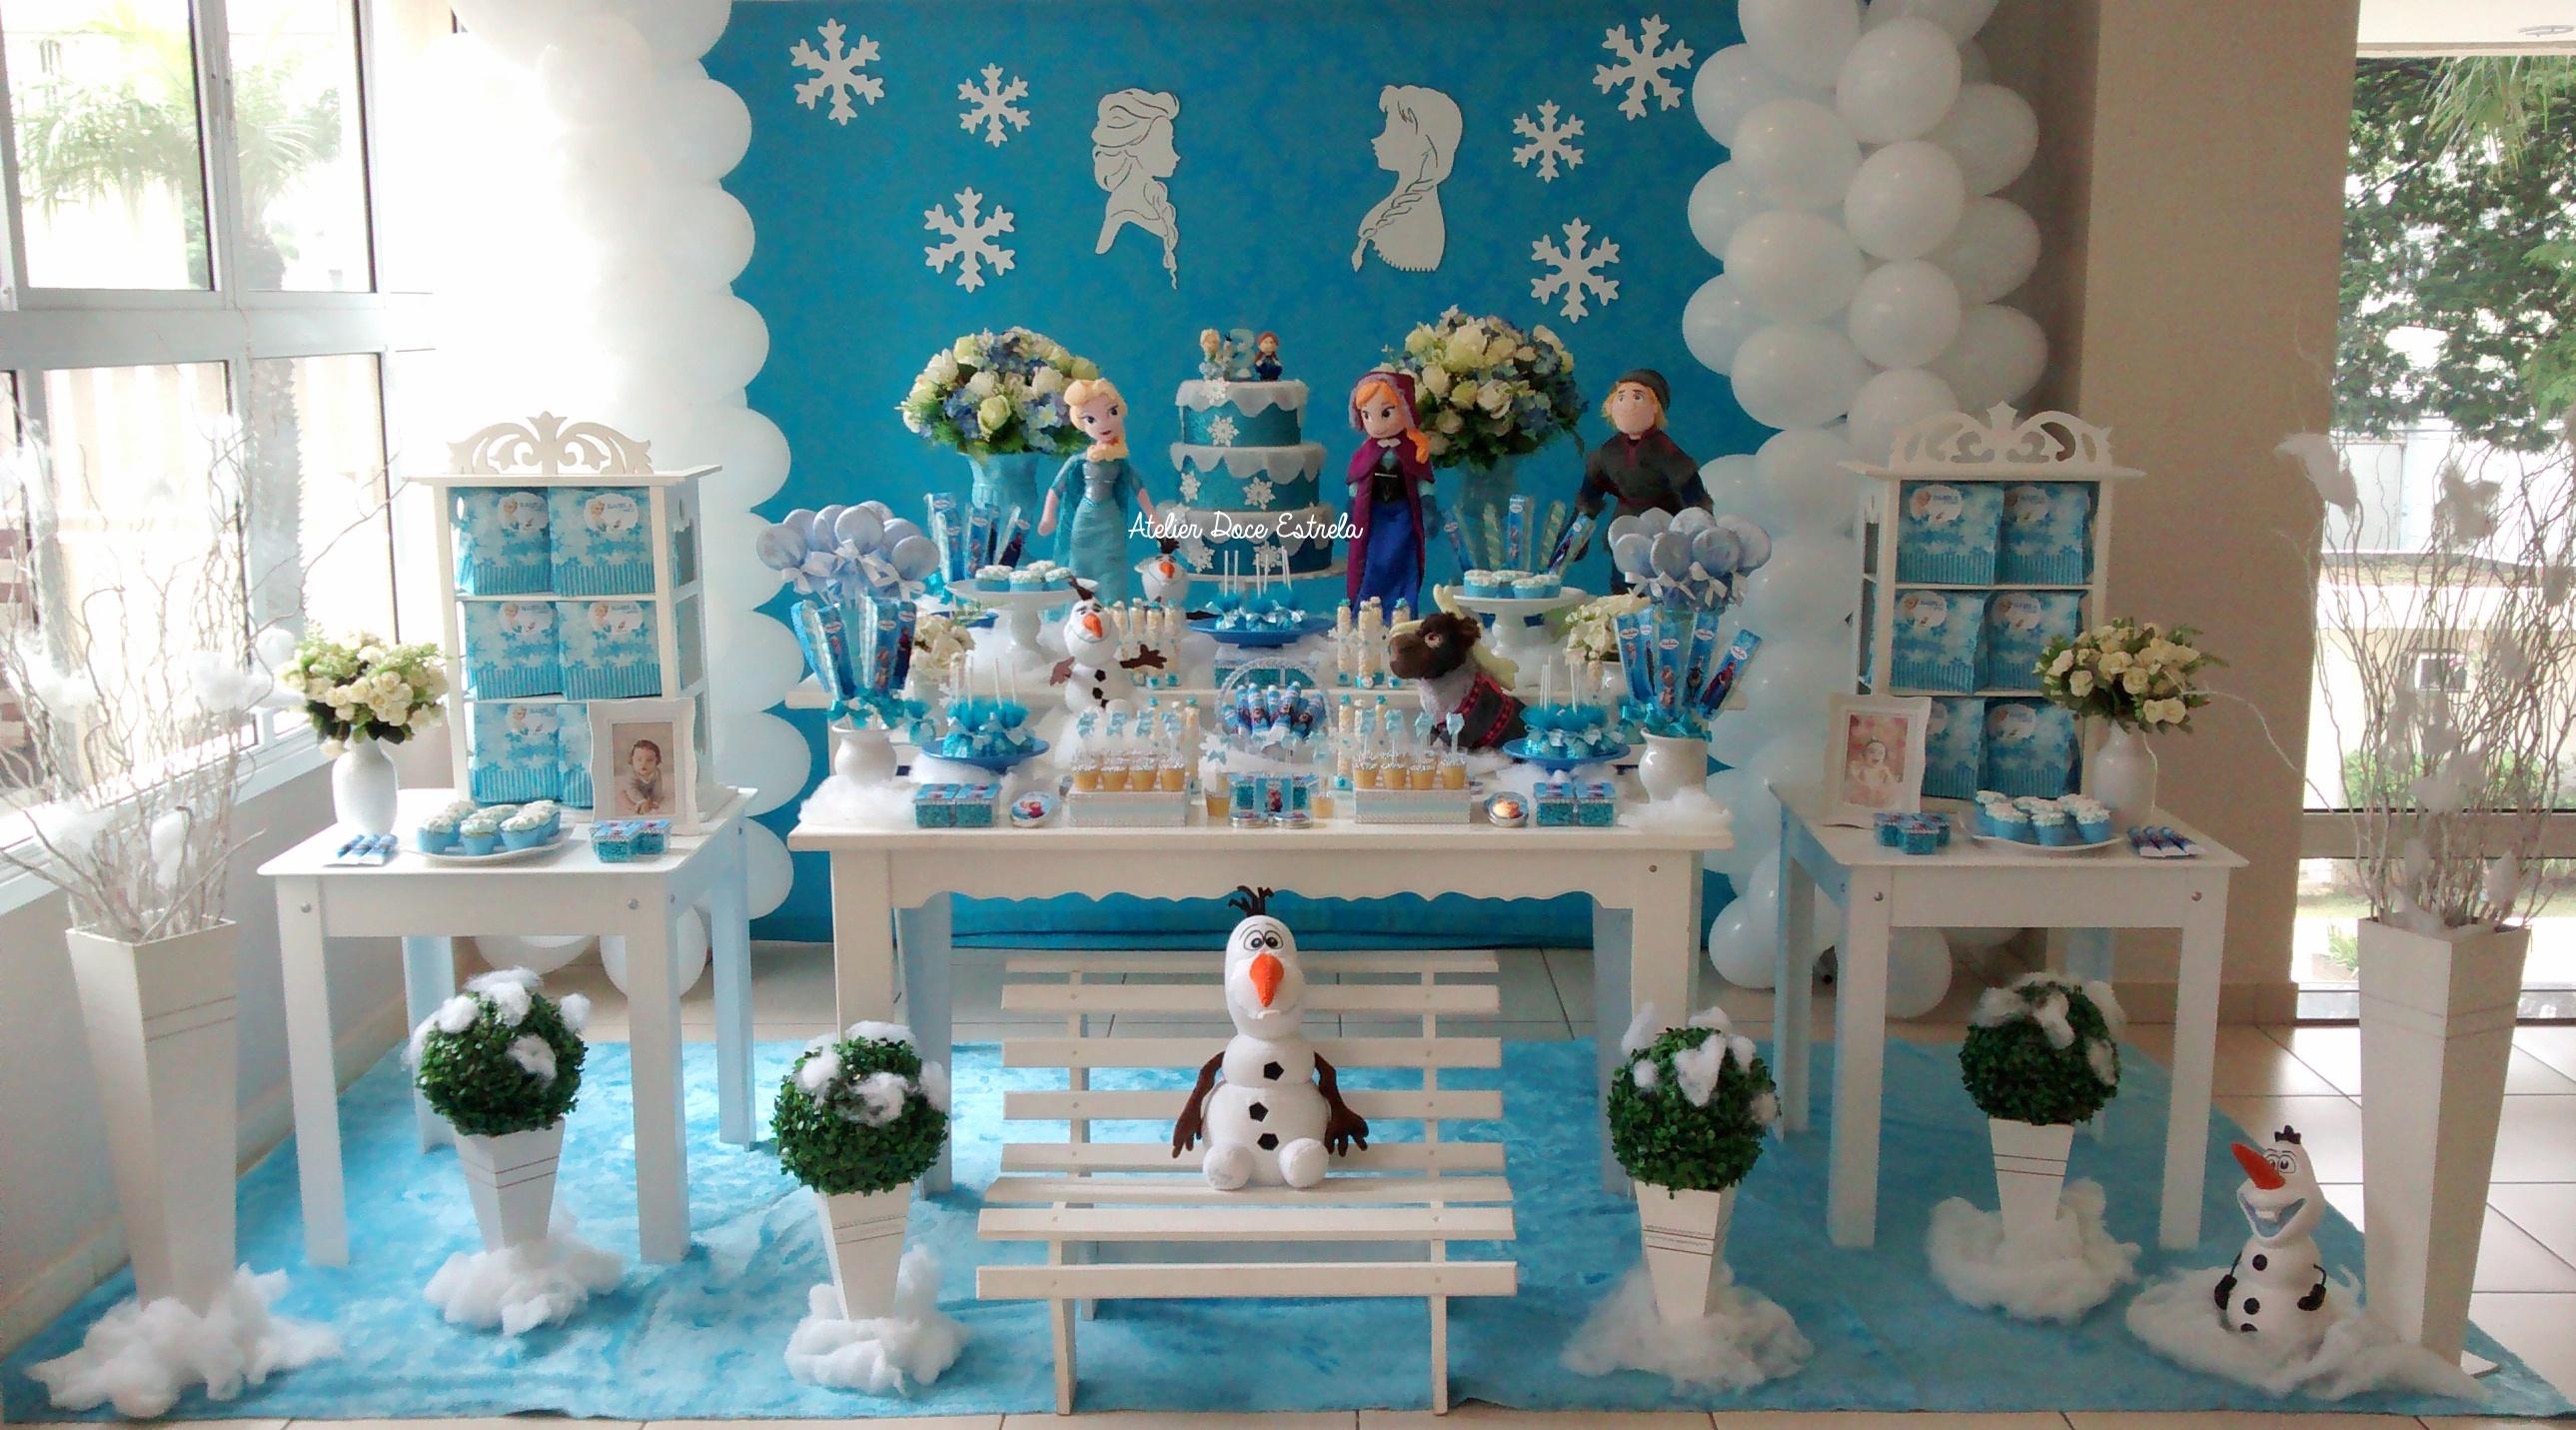 Decoração Provençal Frozen Luxo No Elo7 Atelier Doce Estrela 935b3b